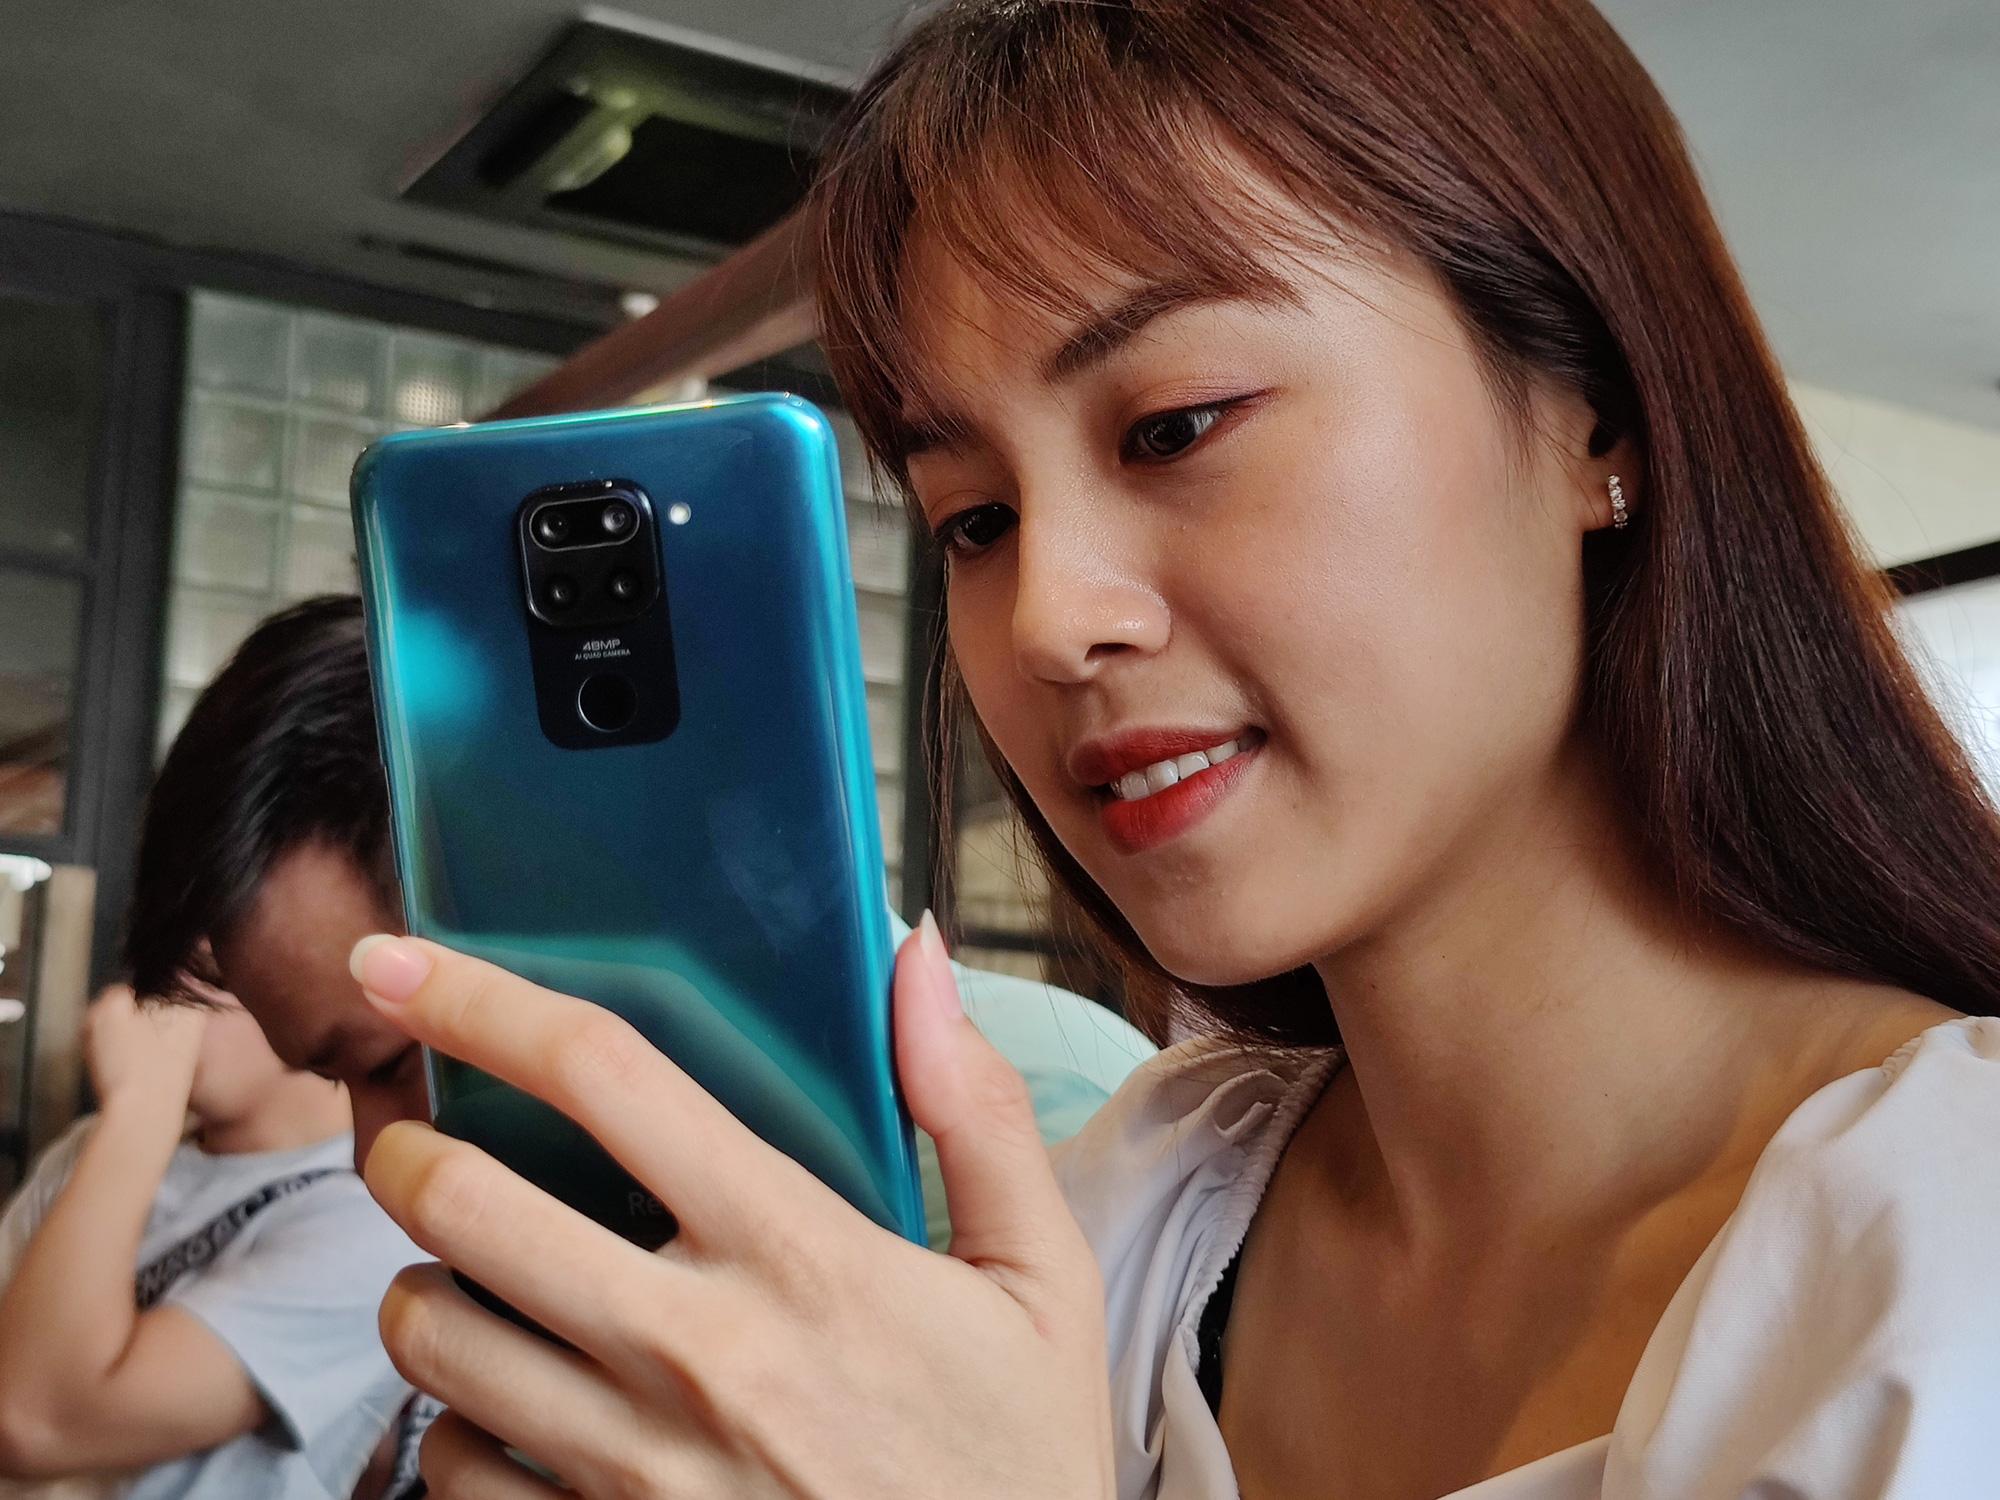 Vừa ra mắt vào tháng 5 nhưng giờ dòng Xiaomi Note 9 Pro phải giảm giá để... kích cầu! Ảnh: Trọng Hiền